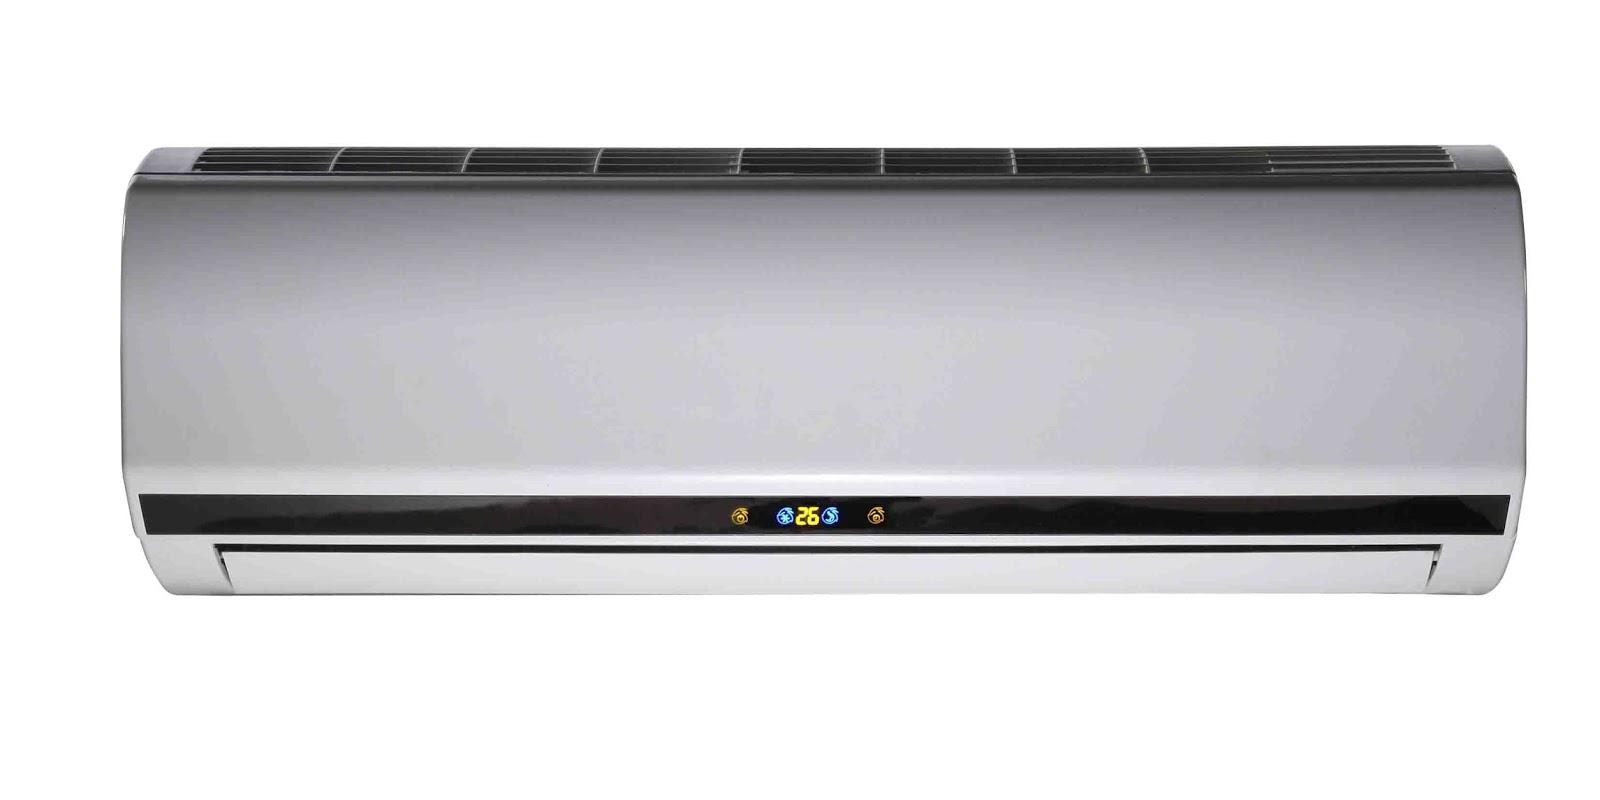 La abuelita manitas el aire acondicionado quita la humedad for Humidificador aire acondicionado